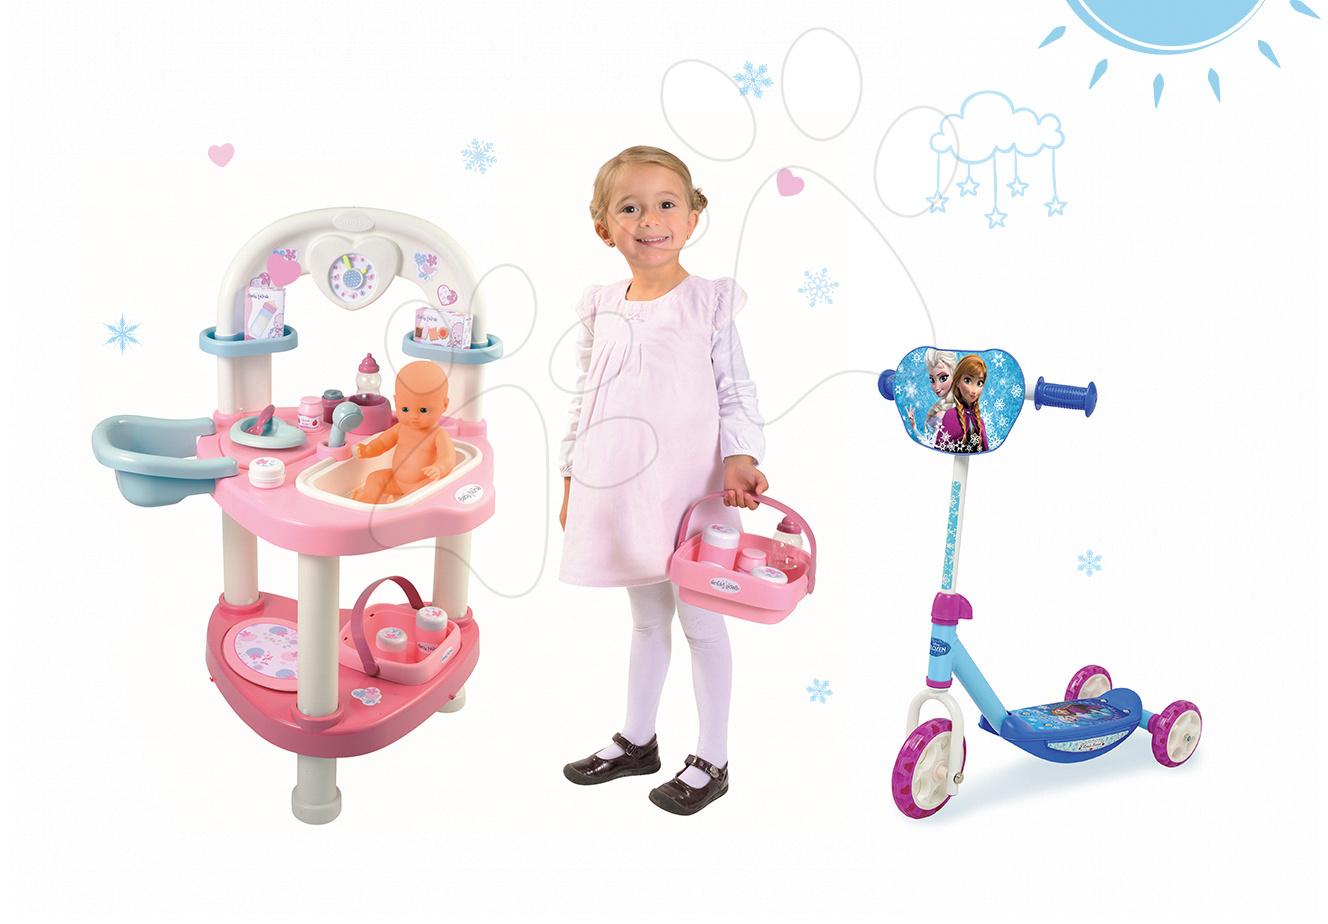 Domčeky pre bábiky sety - Set prebaľovací stôl pre bábiku Baby Nurse Srdiečko Smoby a trojkolesová kolobežka Frozen